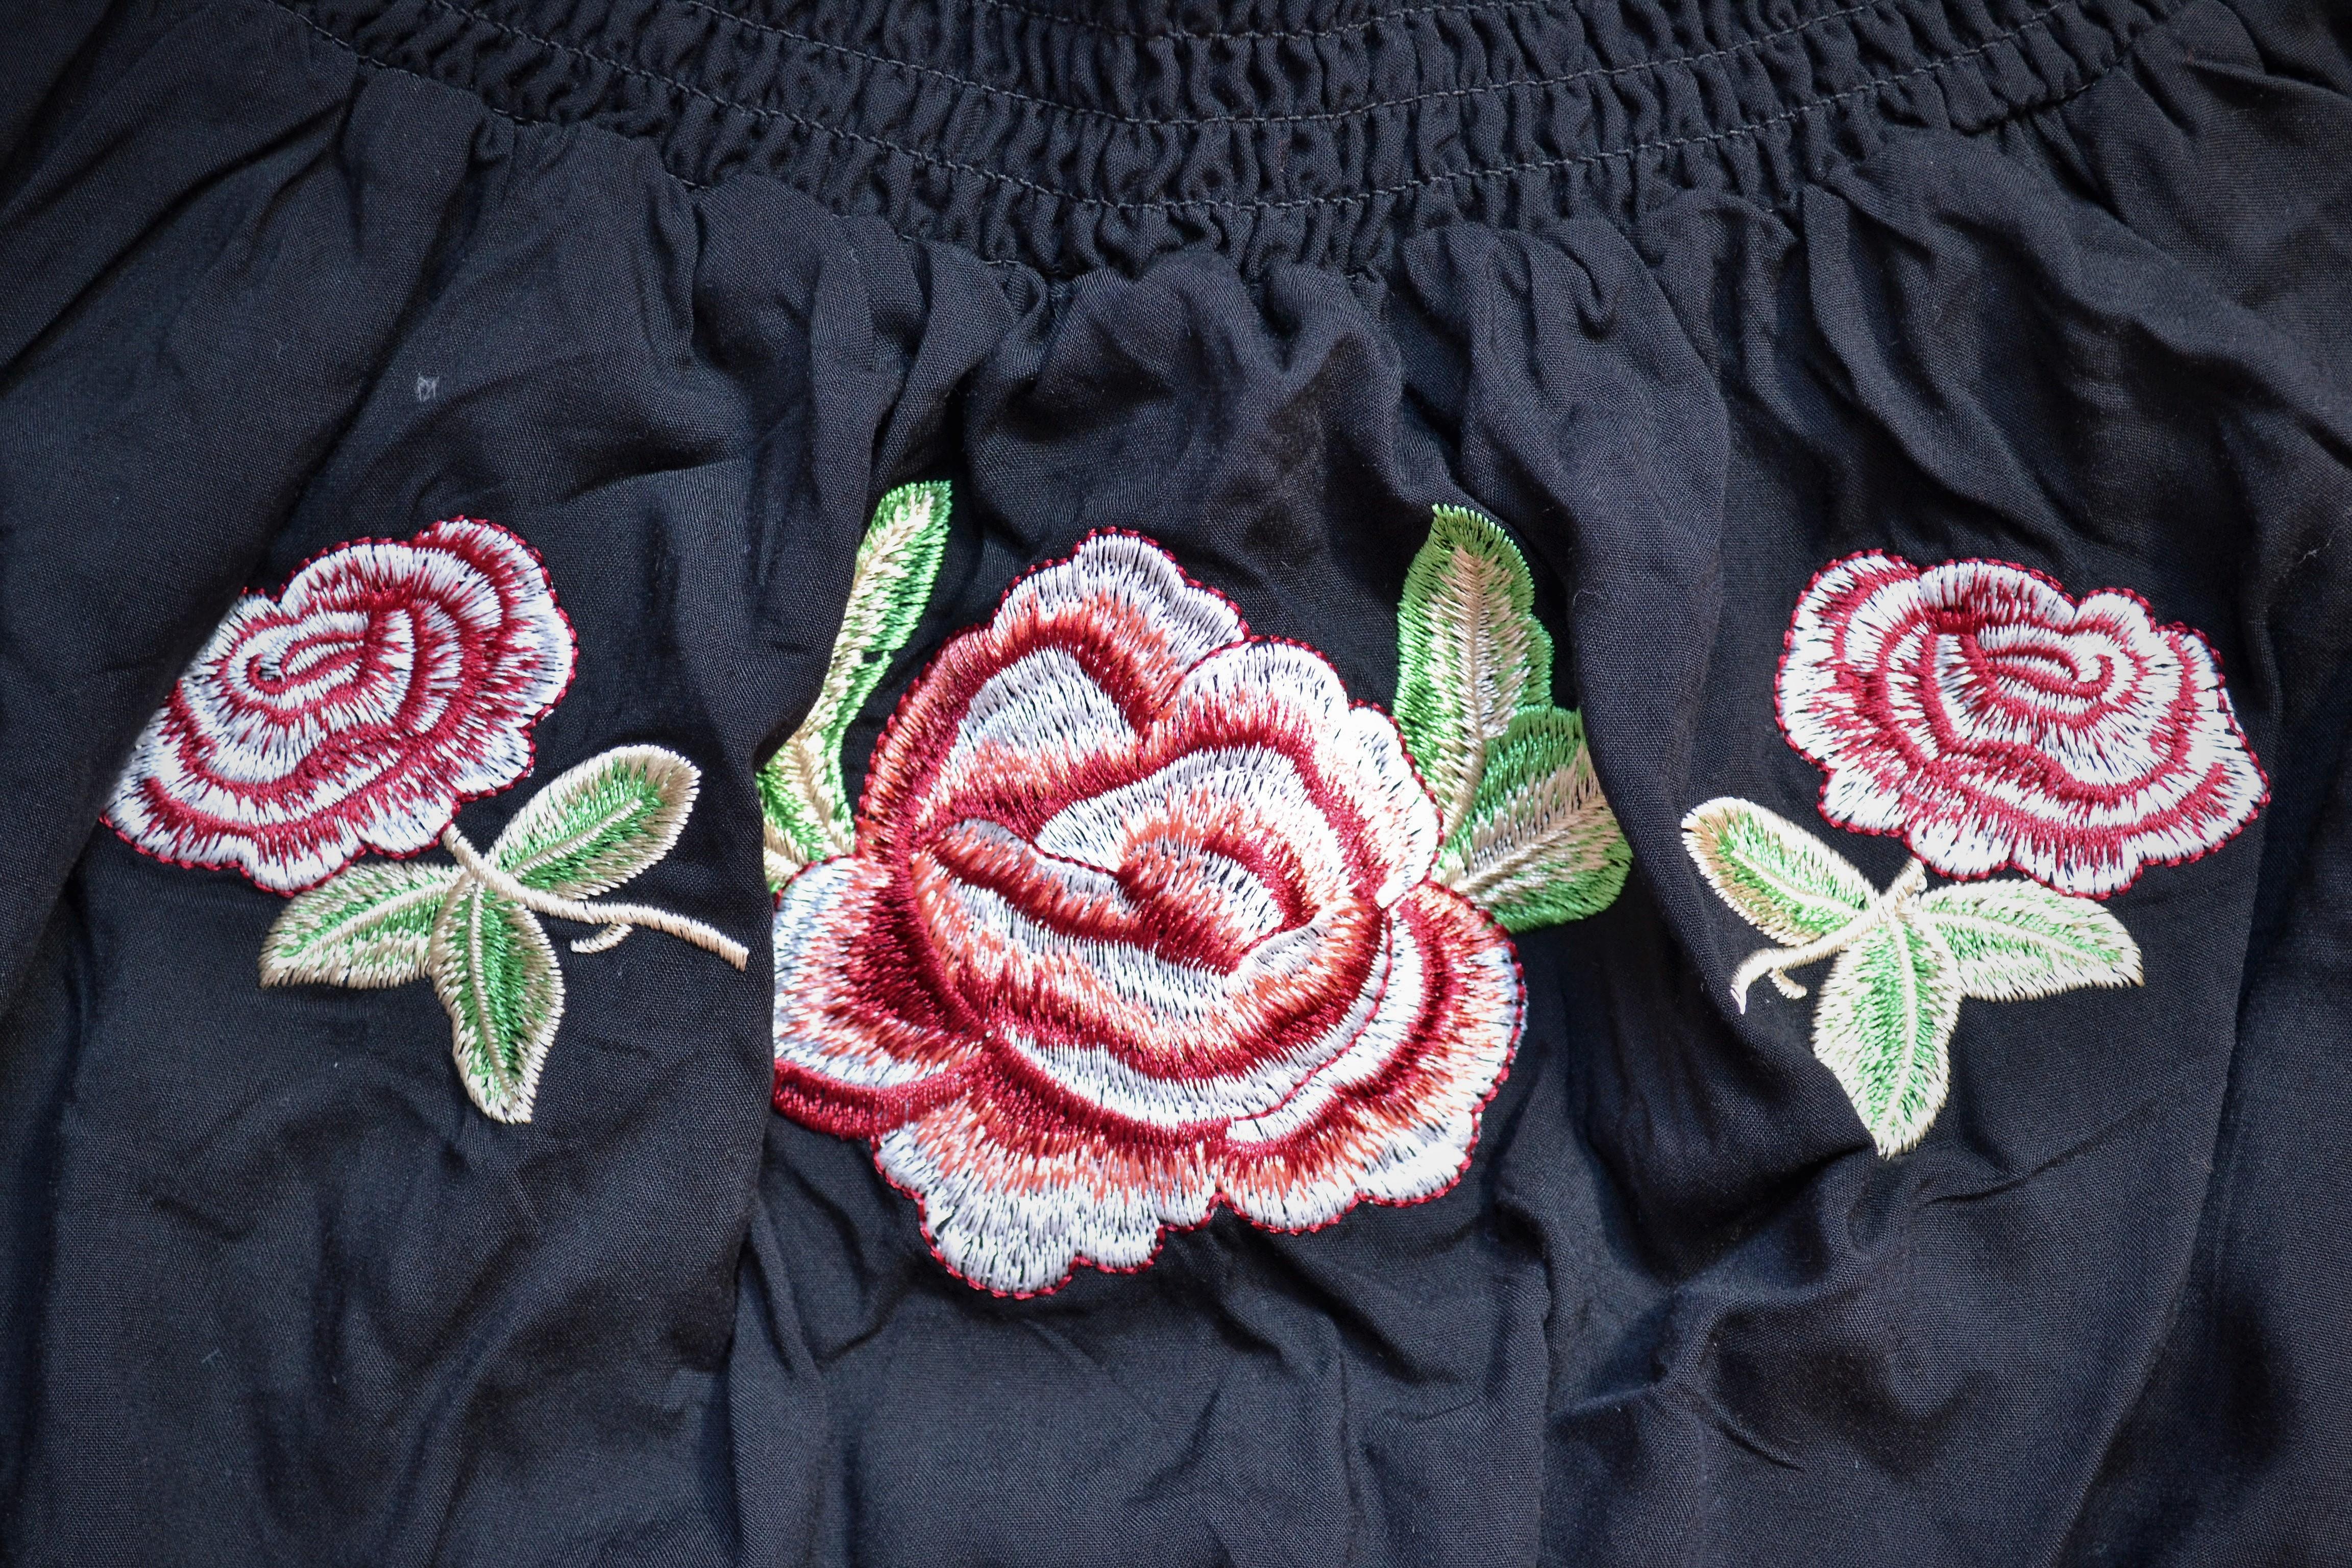 Blúzky, košele ašaty opäť rozkvitli. Kvety zo 60. rokoch sú opäť v kurze.